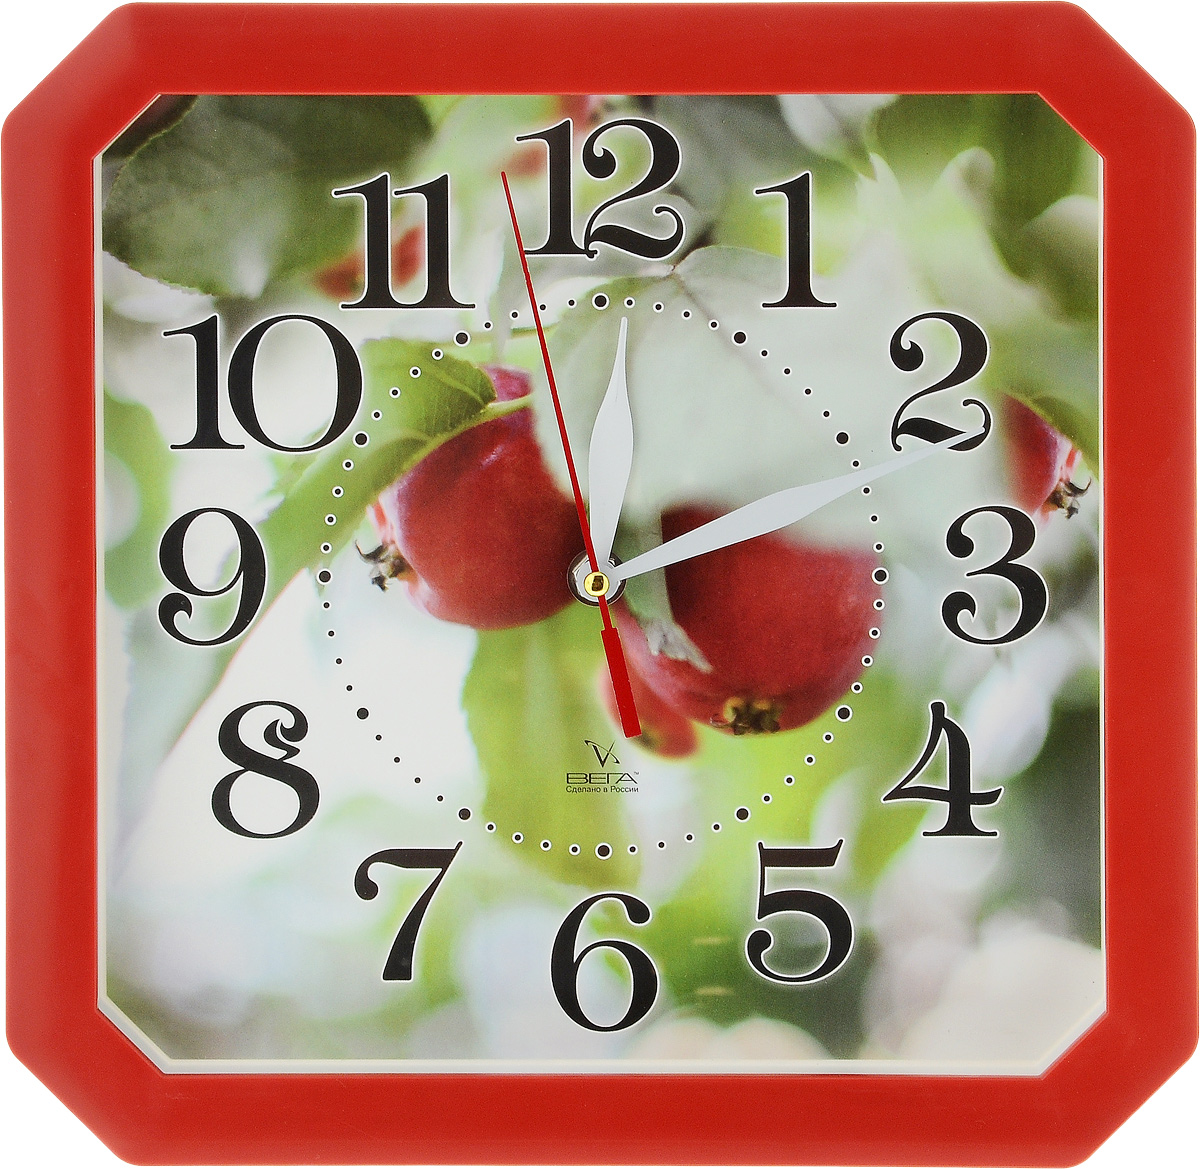 Часы настенные Вега Ранетки, 27,7 х 27,3 см94672Настенные кварцевые часы Вега Ранетки, изготовленные из пластика, прекрасно впишутся в интерьер вашего дома. Часы имеют три стрелки: часовую, минутную и секундную, циферблат защищен прозрачным стеклом. Часы работают от 1 батарейки типа АА напряжением 1,5 В (не входит в комплект). Прилагается инструкция по эксплуатации.